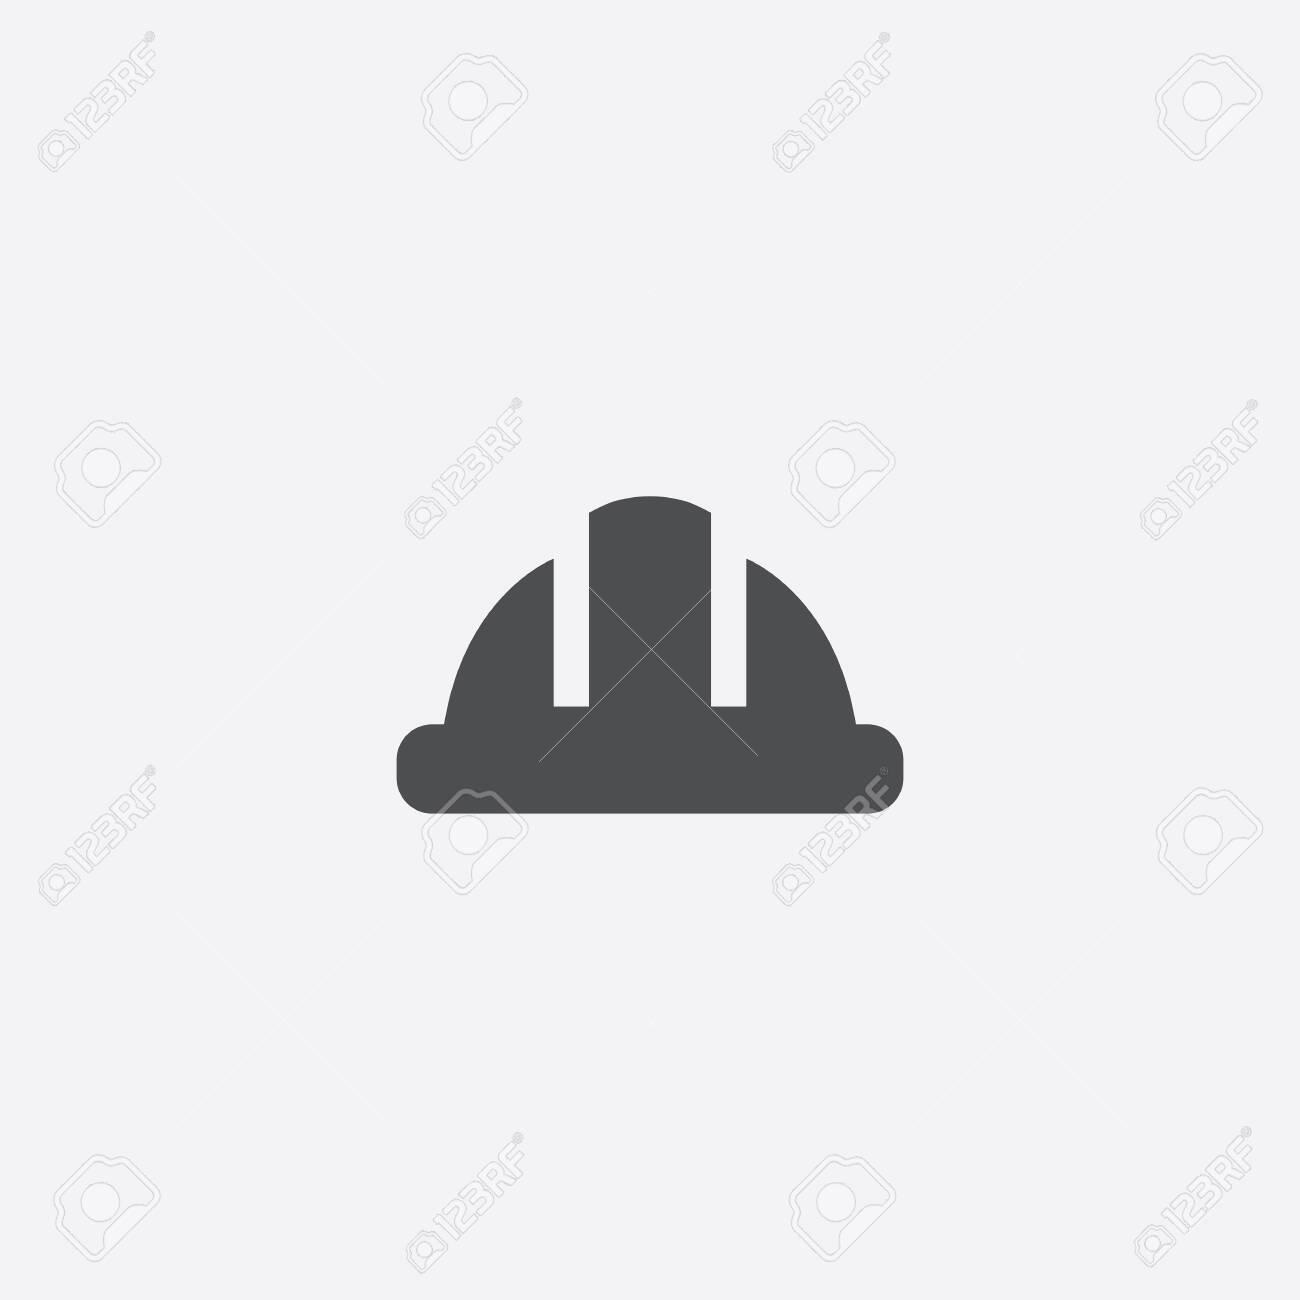 construction helmet icon - 143431863